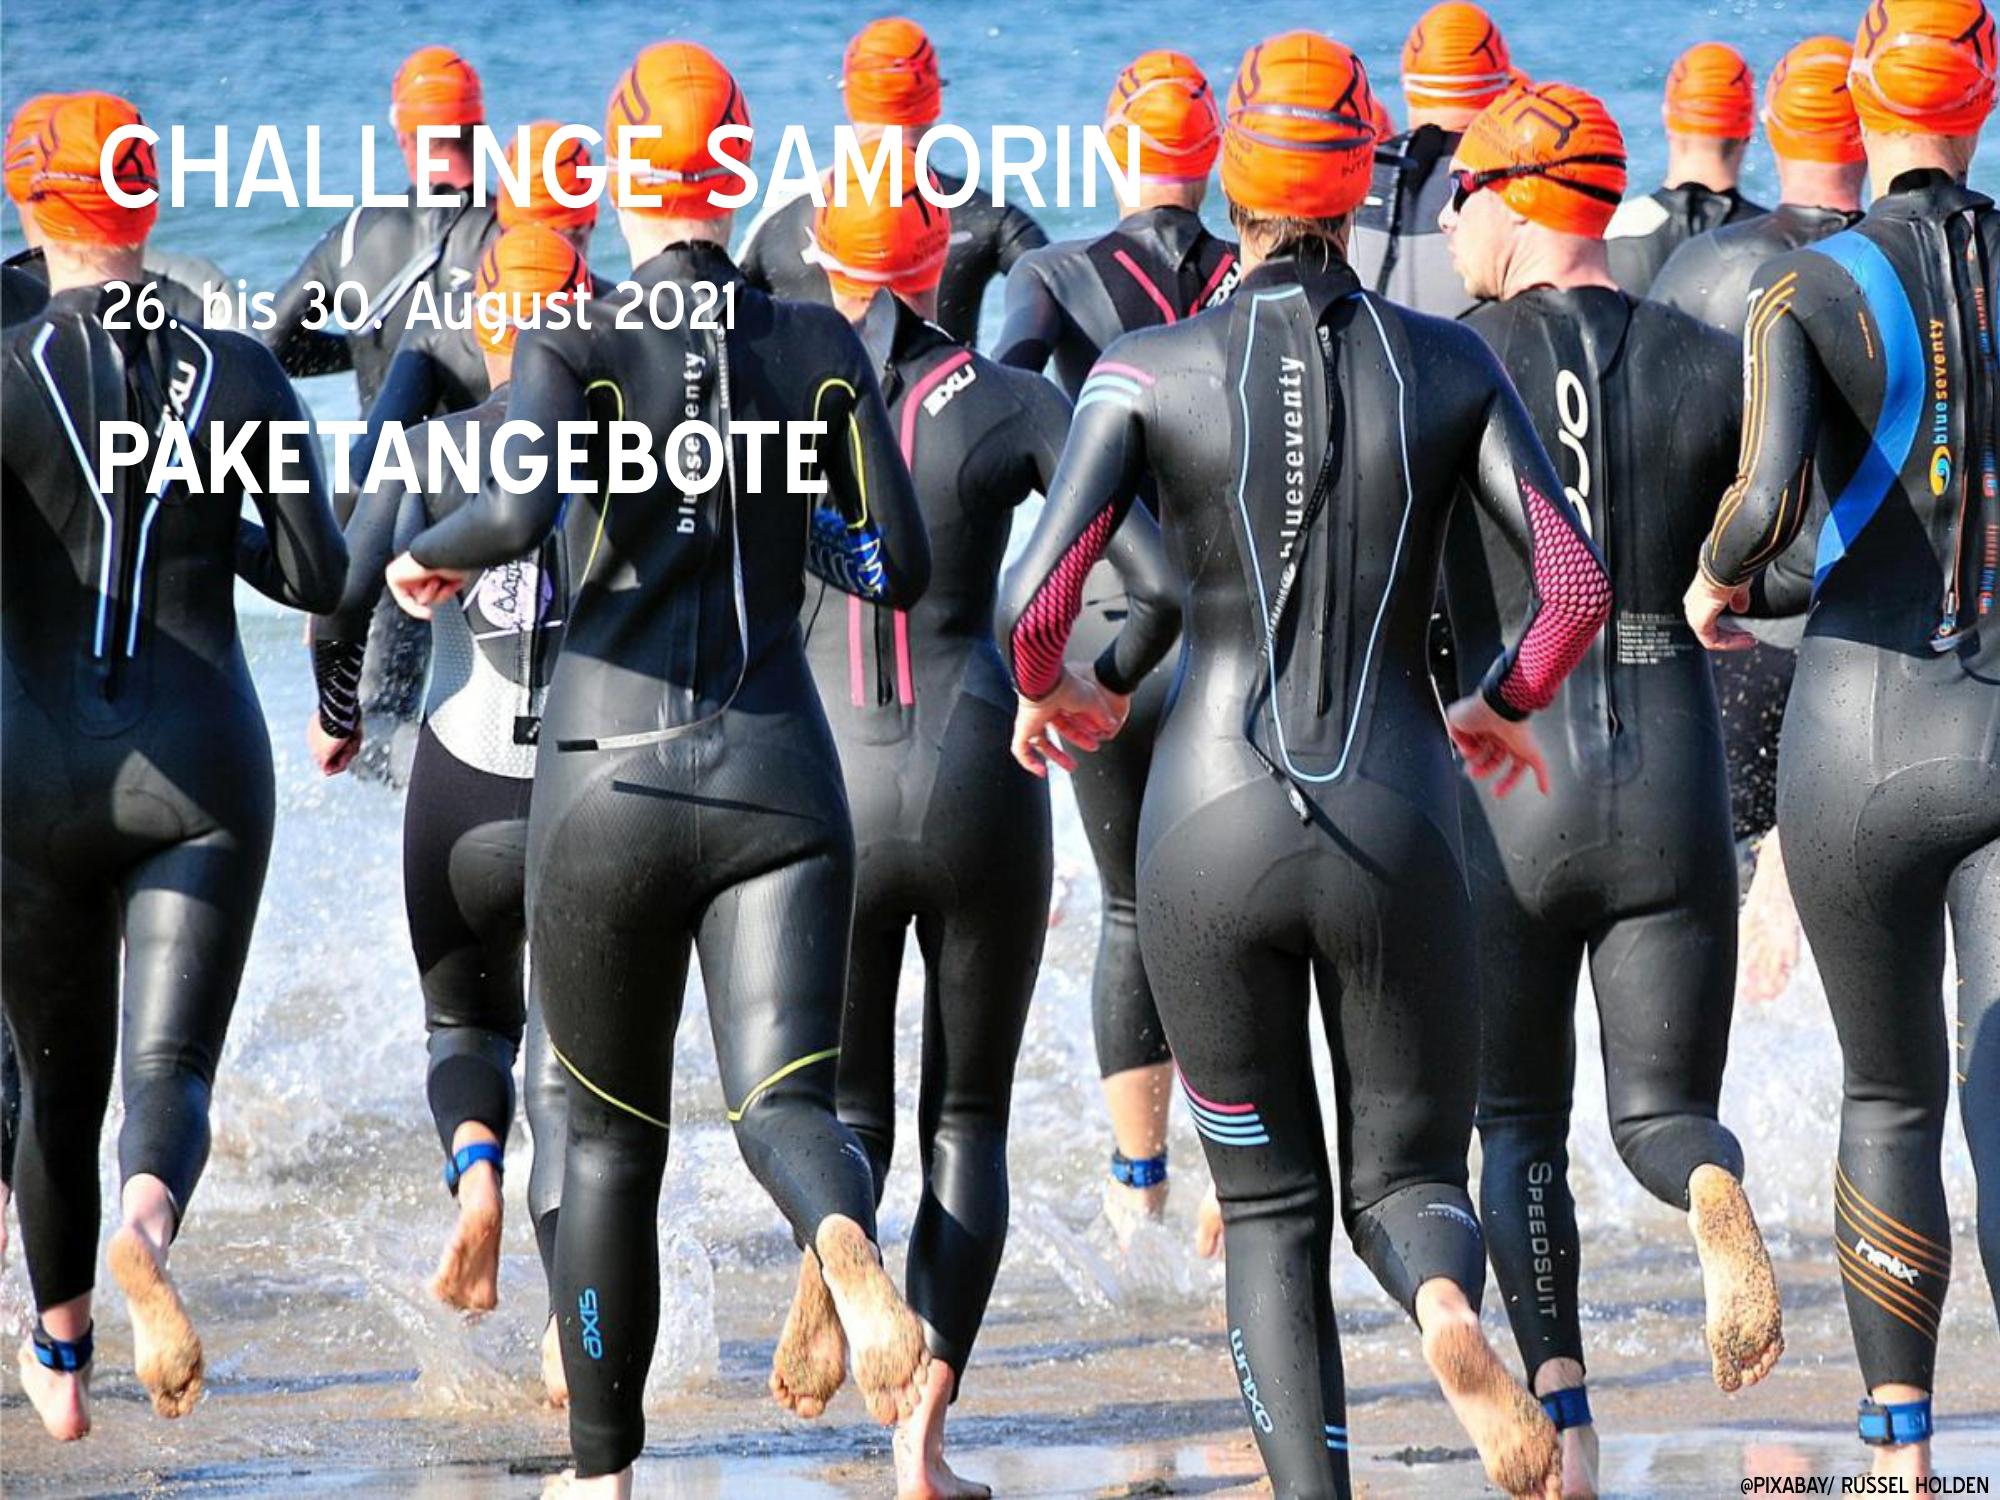 Challenge Samorin - The Championship | 26.08. - 30.08.2021 | Gesamtbetrag 818,00€ im Doppelzimmer pro Person